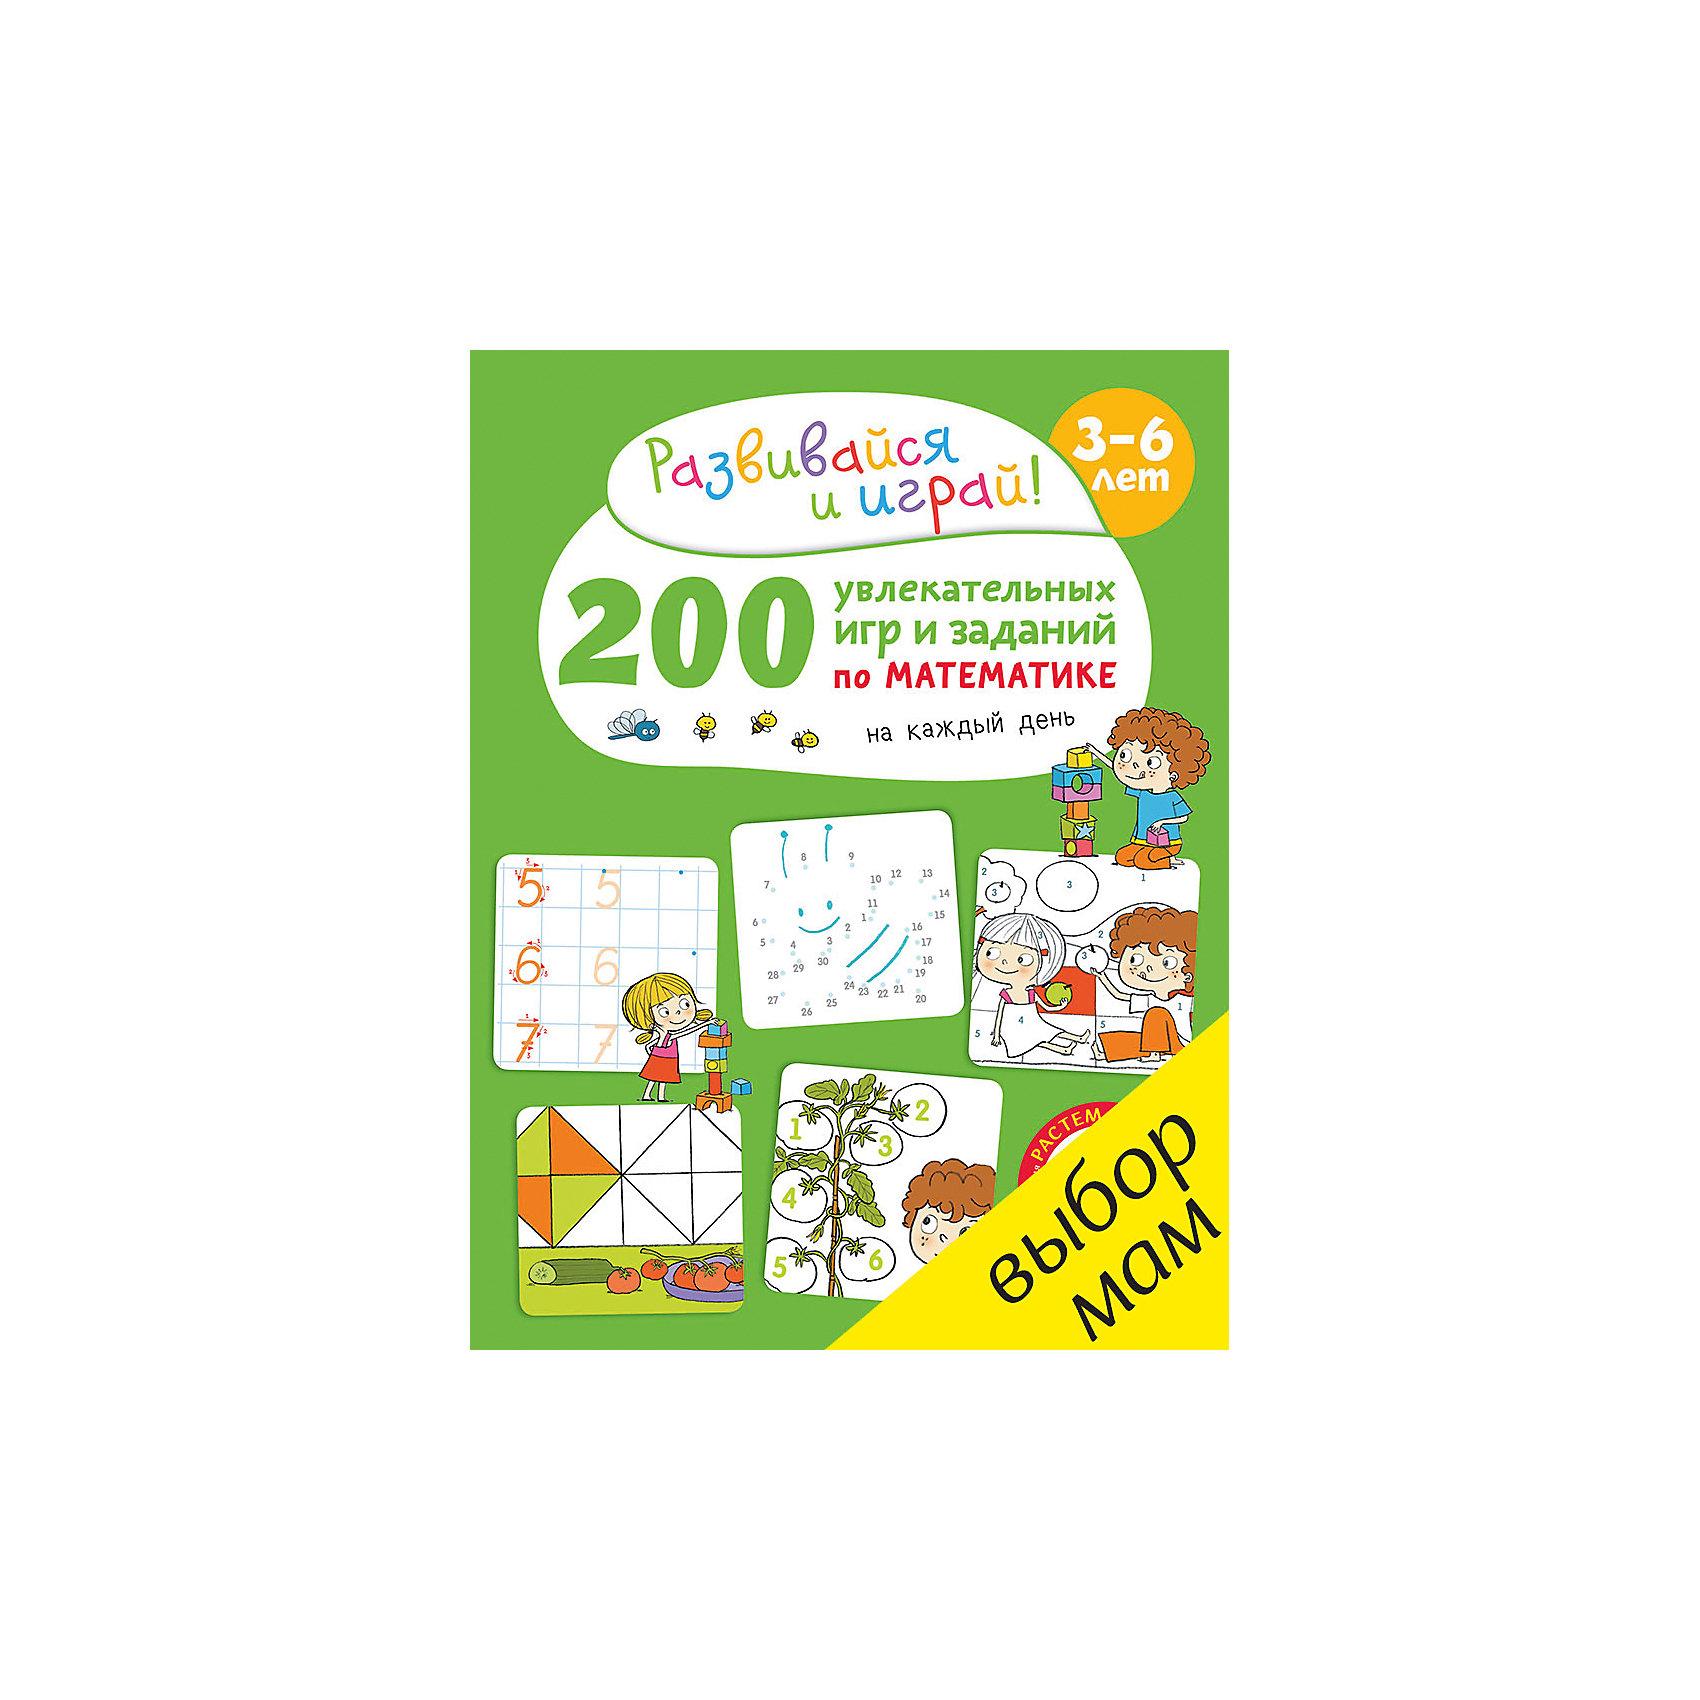 Книжка 200 увлекательных  игр и заданий  по математике на каждый день, CleverОбучение счету<br>Характеристики книжки 200 увлекательных игр и заданий по математике на каждый день:<br><br>• пол: для мальчиков и девочек<br>• возраст: 4-5 лет<br>• формат: 60х90х0.8 см<br>• переплет: мягкий переплёт<br>• кол-во страниц: 128<br>• авторы: Карбоней Б.<br>• издательство: Clever<br>• серия: развивайся и играй<br>• страна обладатель бренда: Россия.<br><br>Лучше всего дети учатся в игре! А в этой тетрадке играть и заниматься математикой малыша приглашают Гриша и Поля. Они отправляются к бабушке с дедушкой в деревню, где их ждут приключения. Ребенок, выполняя задания, будет считать пятнышки на спине у коровы, раскрашивать только то, что отмечено определенными цифрами, решать несложные задачки, соединять точки, различать геометрические фигуры, определять, кто выше - Гриша или Поля. Все эти задания очень понравятся малышу, помогут его полюбить математику.<br><br><br>Что развивает:<br><br>- знакомит с цифрами<br>- учит числовой ряд<br>- учит читать<br>- решает простые задачи<br>- готовит руку к письму<br>- ориентироваться в пространстве<br>- знакомит с геометрическими фигурами<br>- развивает логическое мышление и внимание<br><br>Книжку 200 увлекательных игр и заданий по математике на каждый день издательства Clever  можно купить в нашем интернет-магазине.<br><br>Ширина мм: 290<br>Глубина мм: 220<br>Высота мм: 8<br>Вес г: 473<br>Возраст от месяцев: 48<br>Возраст до месяцев: 72<br>Пол: Унисекс<br>Возраст: Детский<br>SKU: 5440237